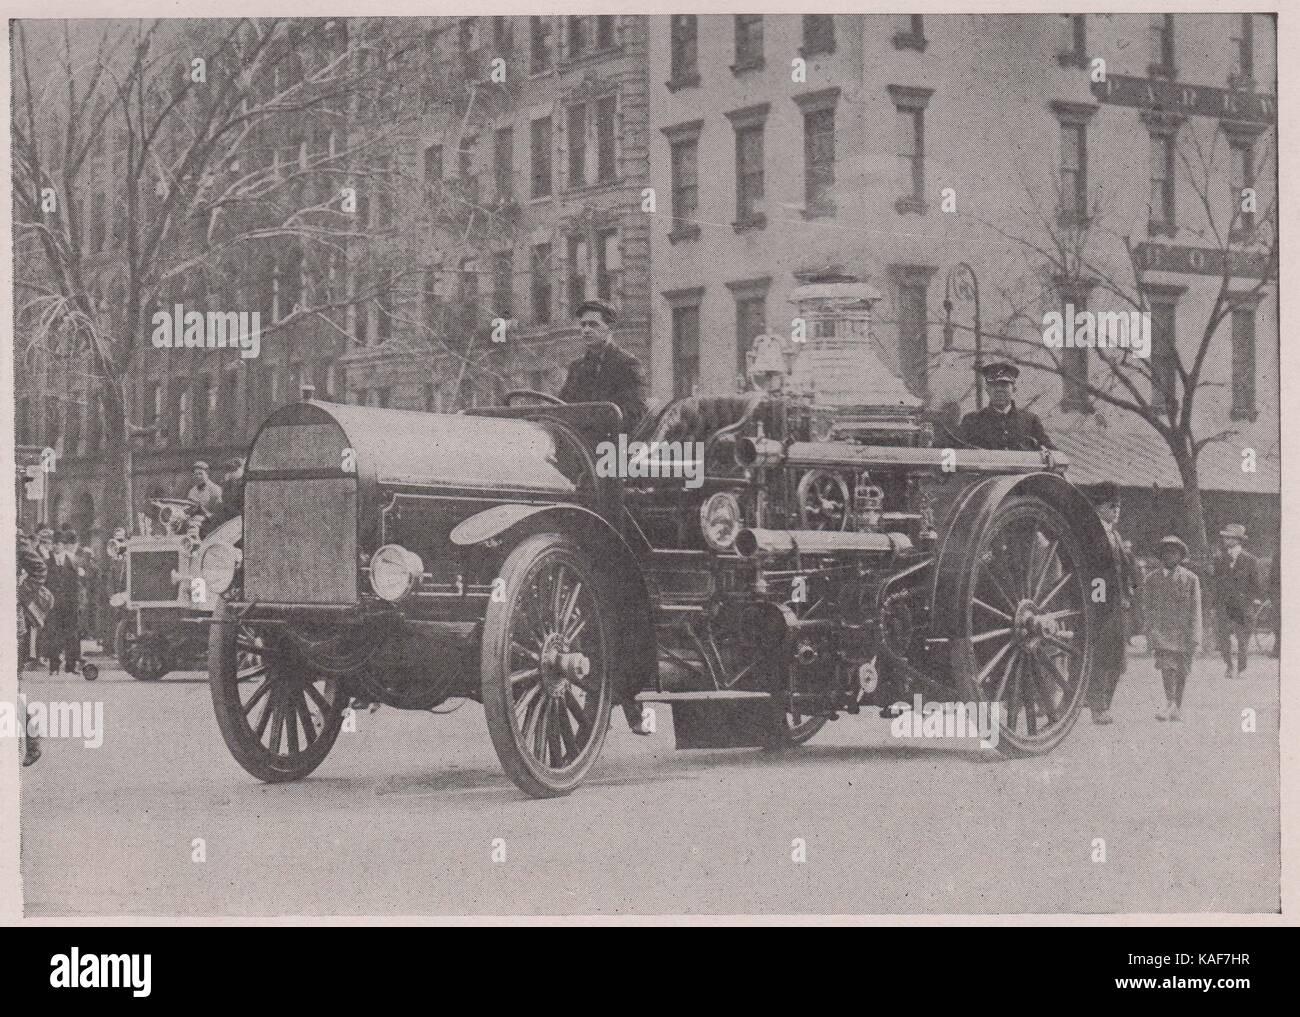 Motor-Propelled fire engine. Le premier appareil à moteur, moteur n°58, a été mis en service le 21 mars 1911. Son efficacité a… Banque D'Images